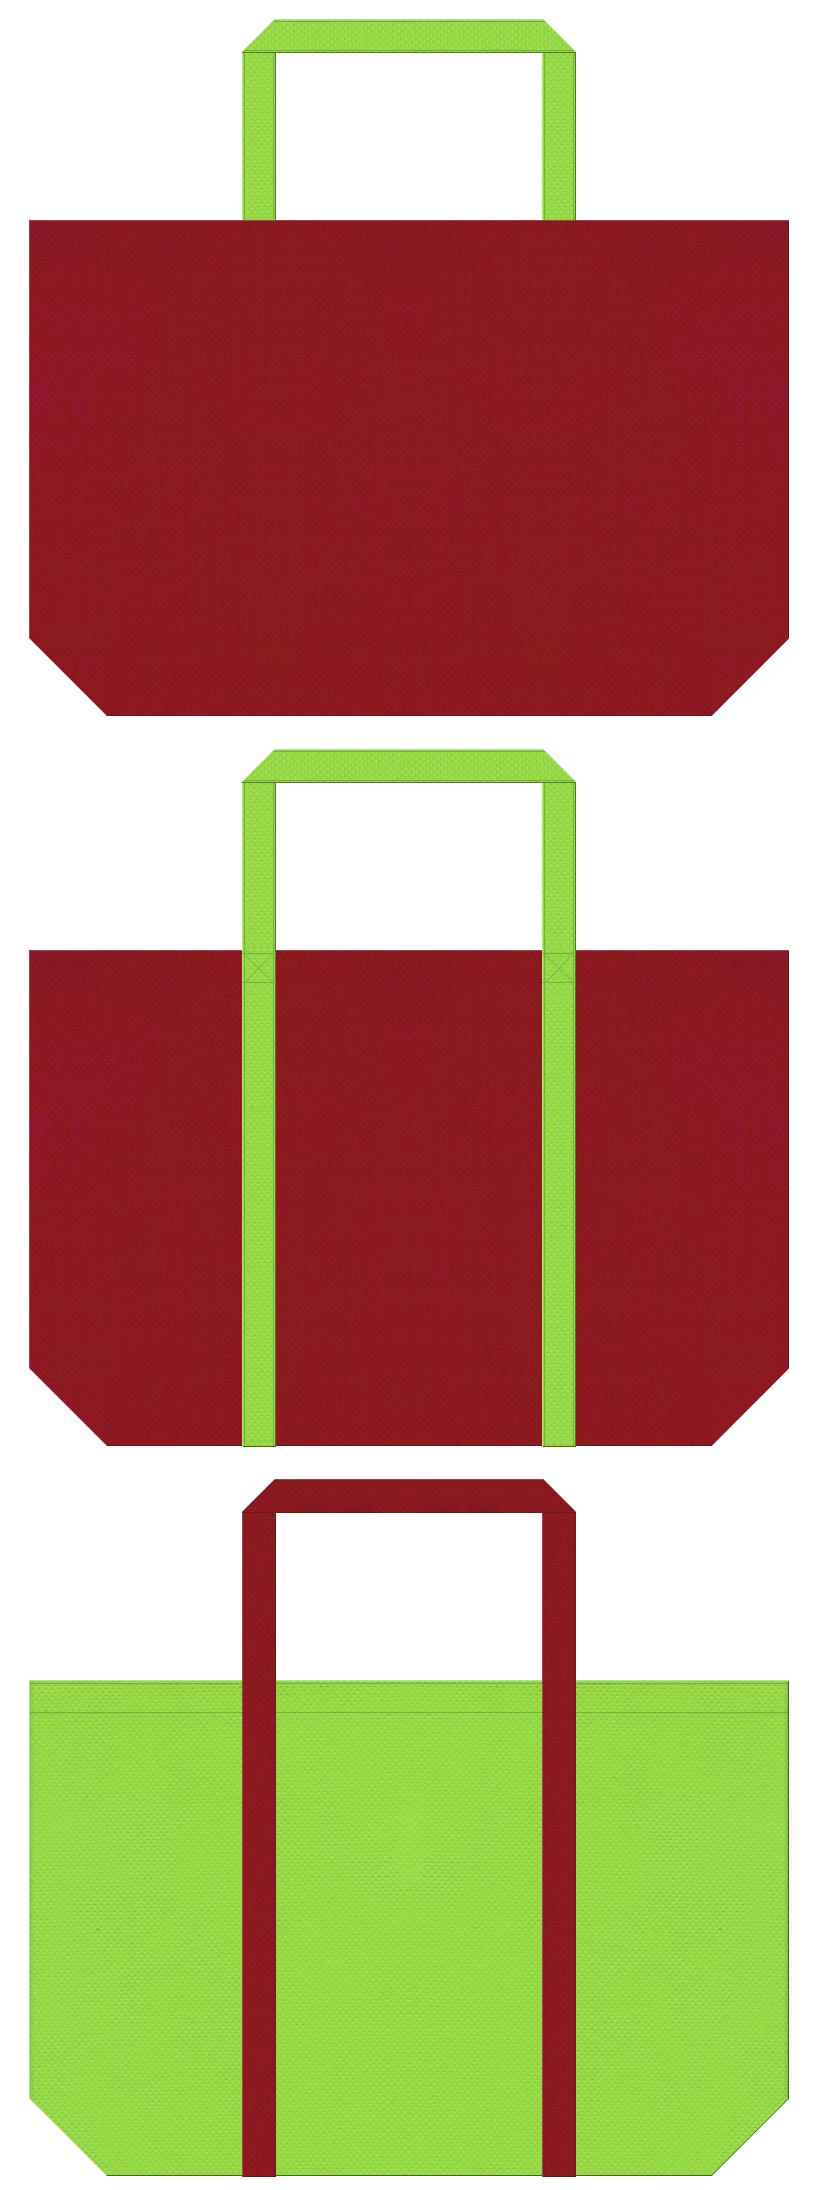 楓の花・振袖・着物展示会・野点傘・茶会・邦楽演奏会・和雑貨・和風庭園・和風催事にお奨め:エンジ色と黄緑色の不織布ショッピングバッグのデザイン